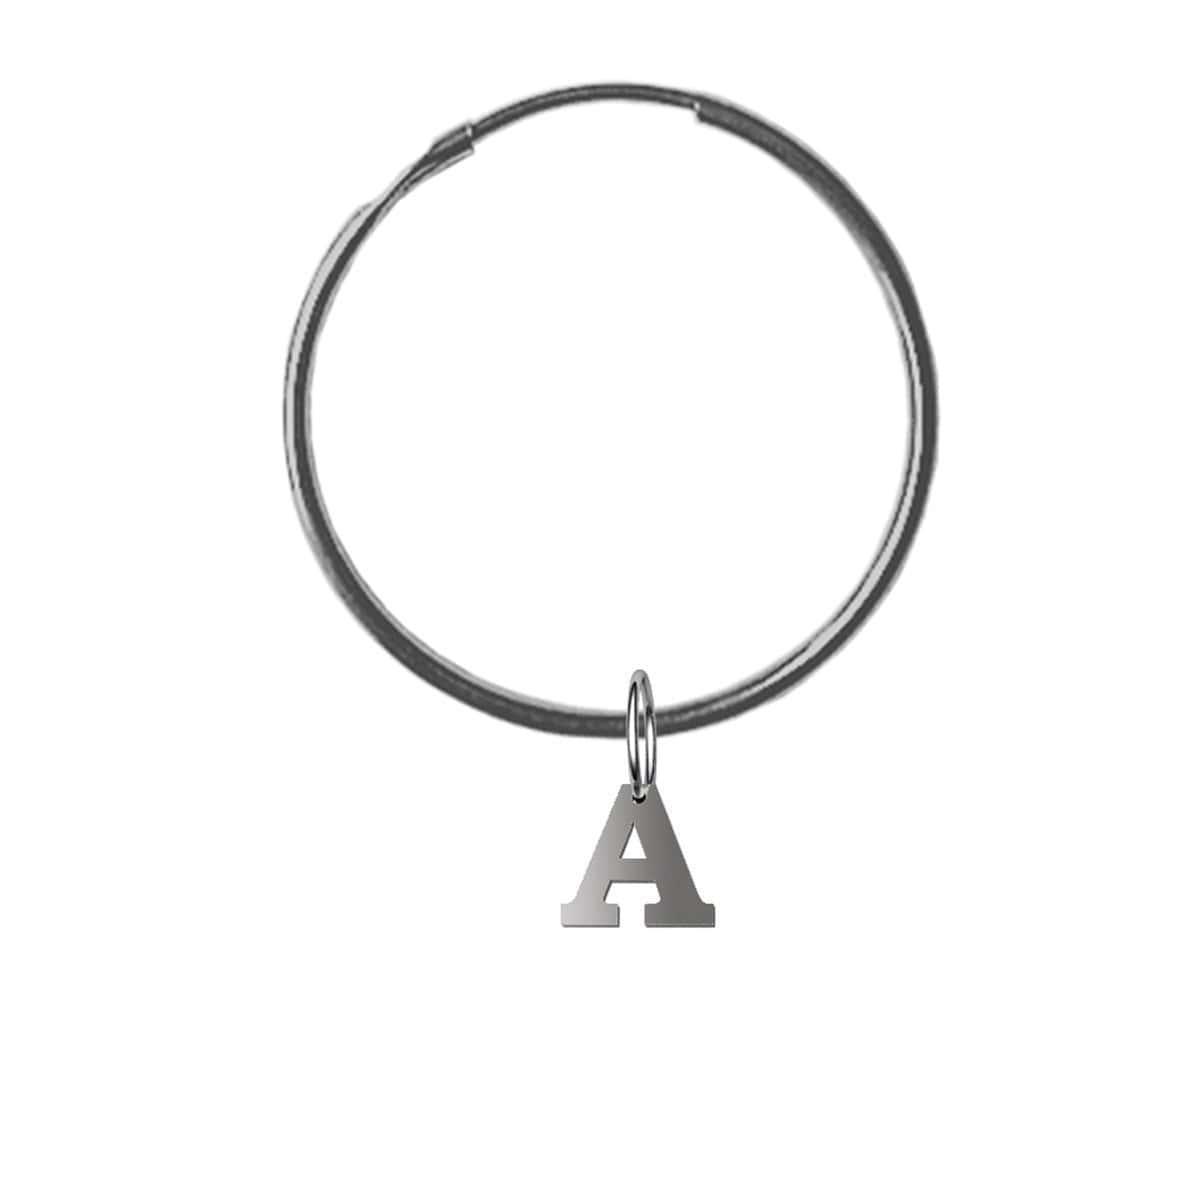 Alphallumer Hoop Earring - Sterling Silver - Black Rhodium Hoop